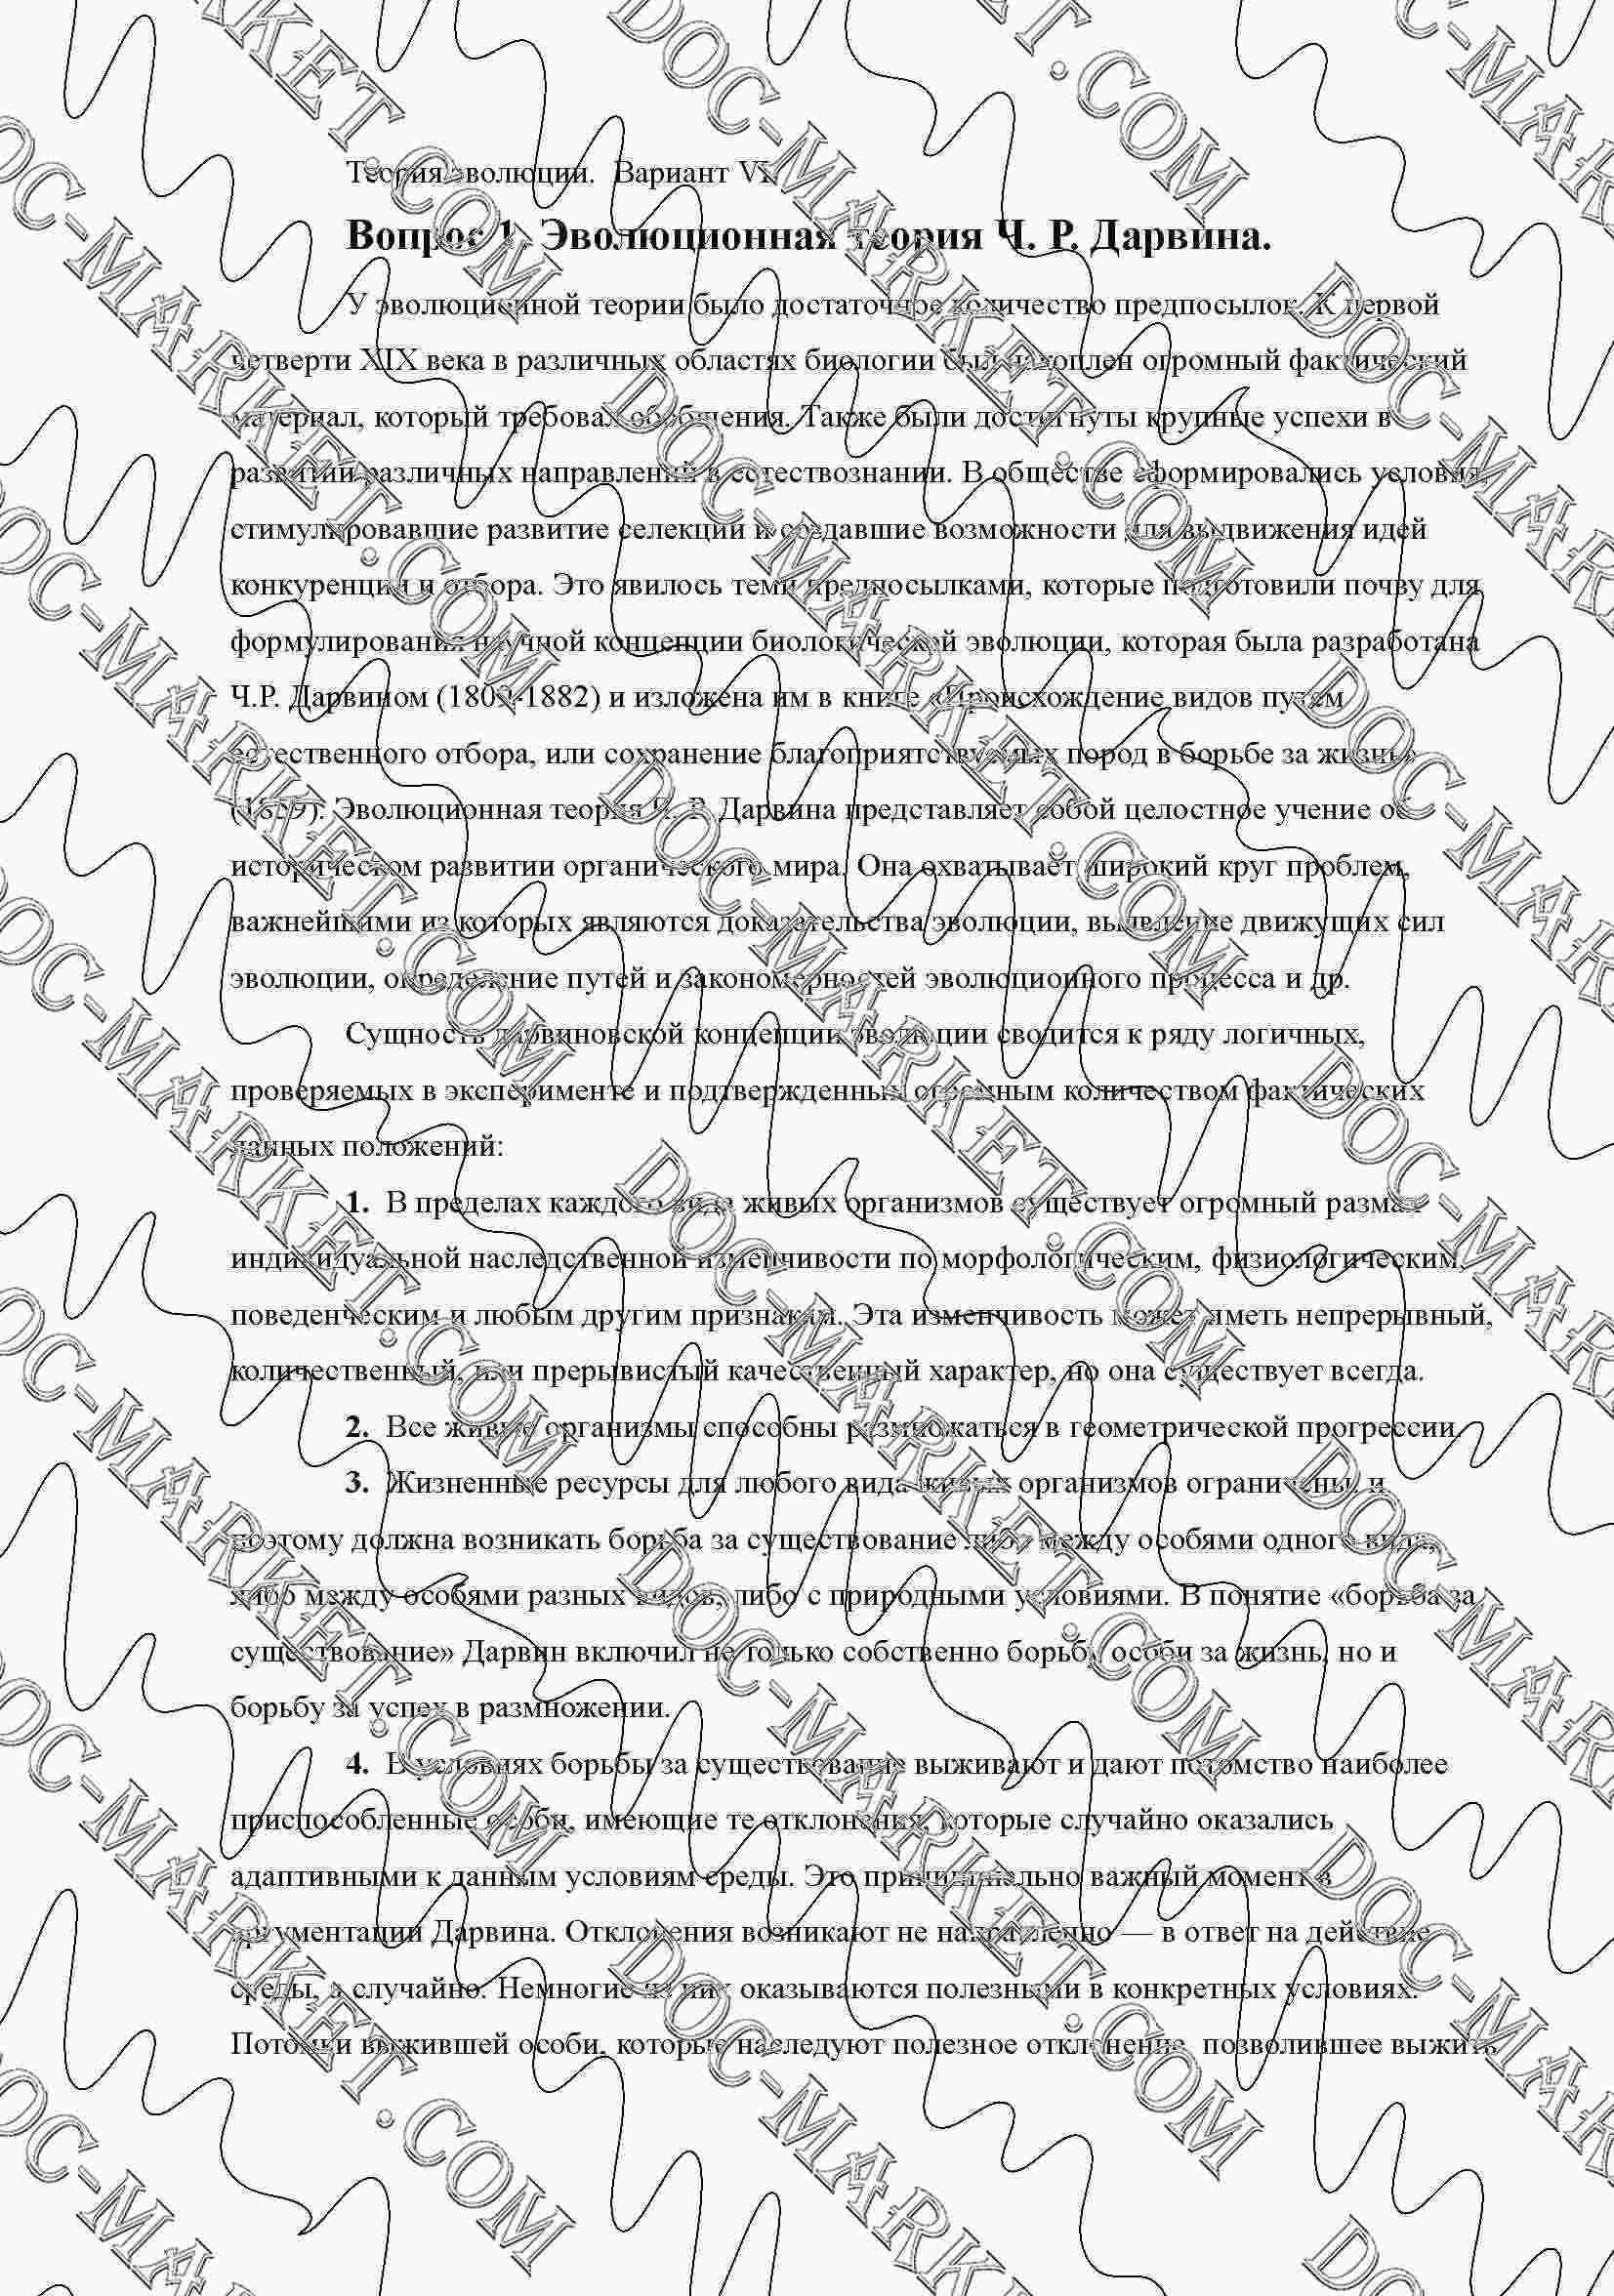 Контрольная работа Контрольная работа по теории эволюции  контрольная работа эволюция школ теории организации